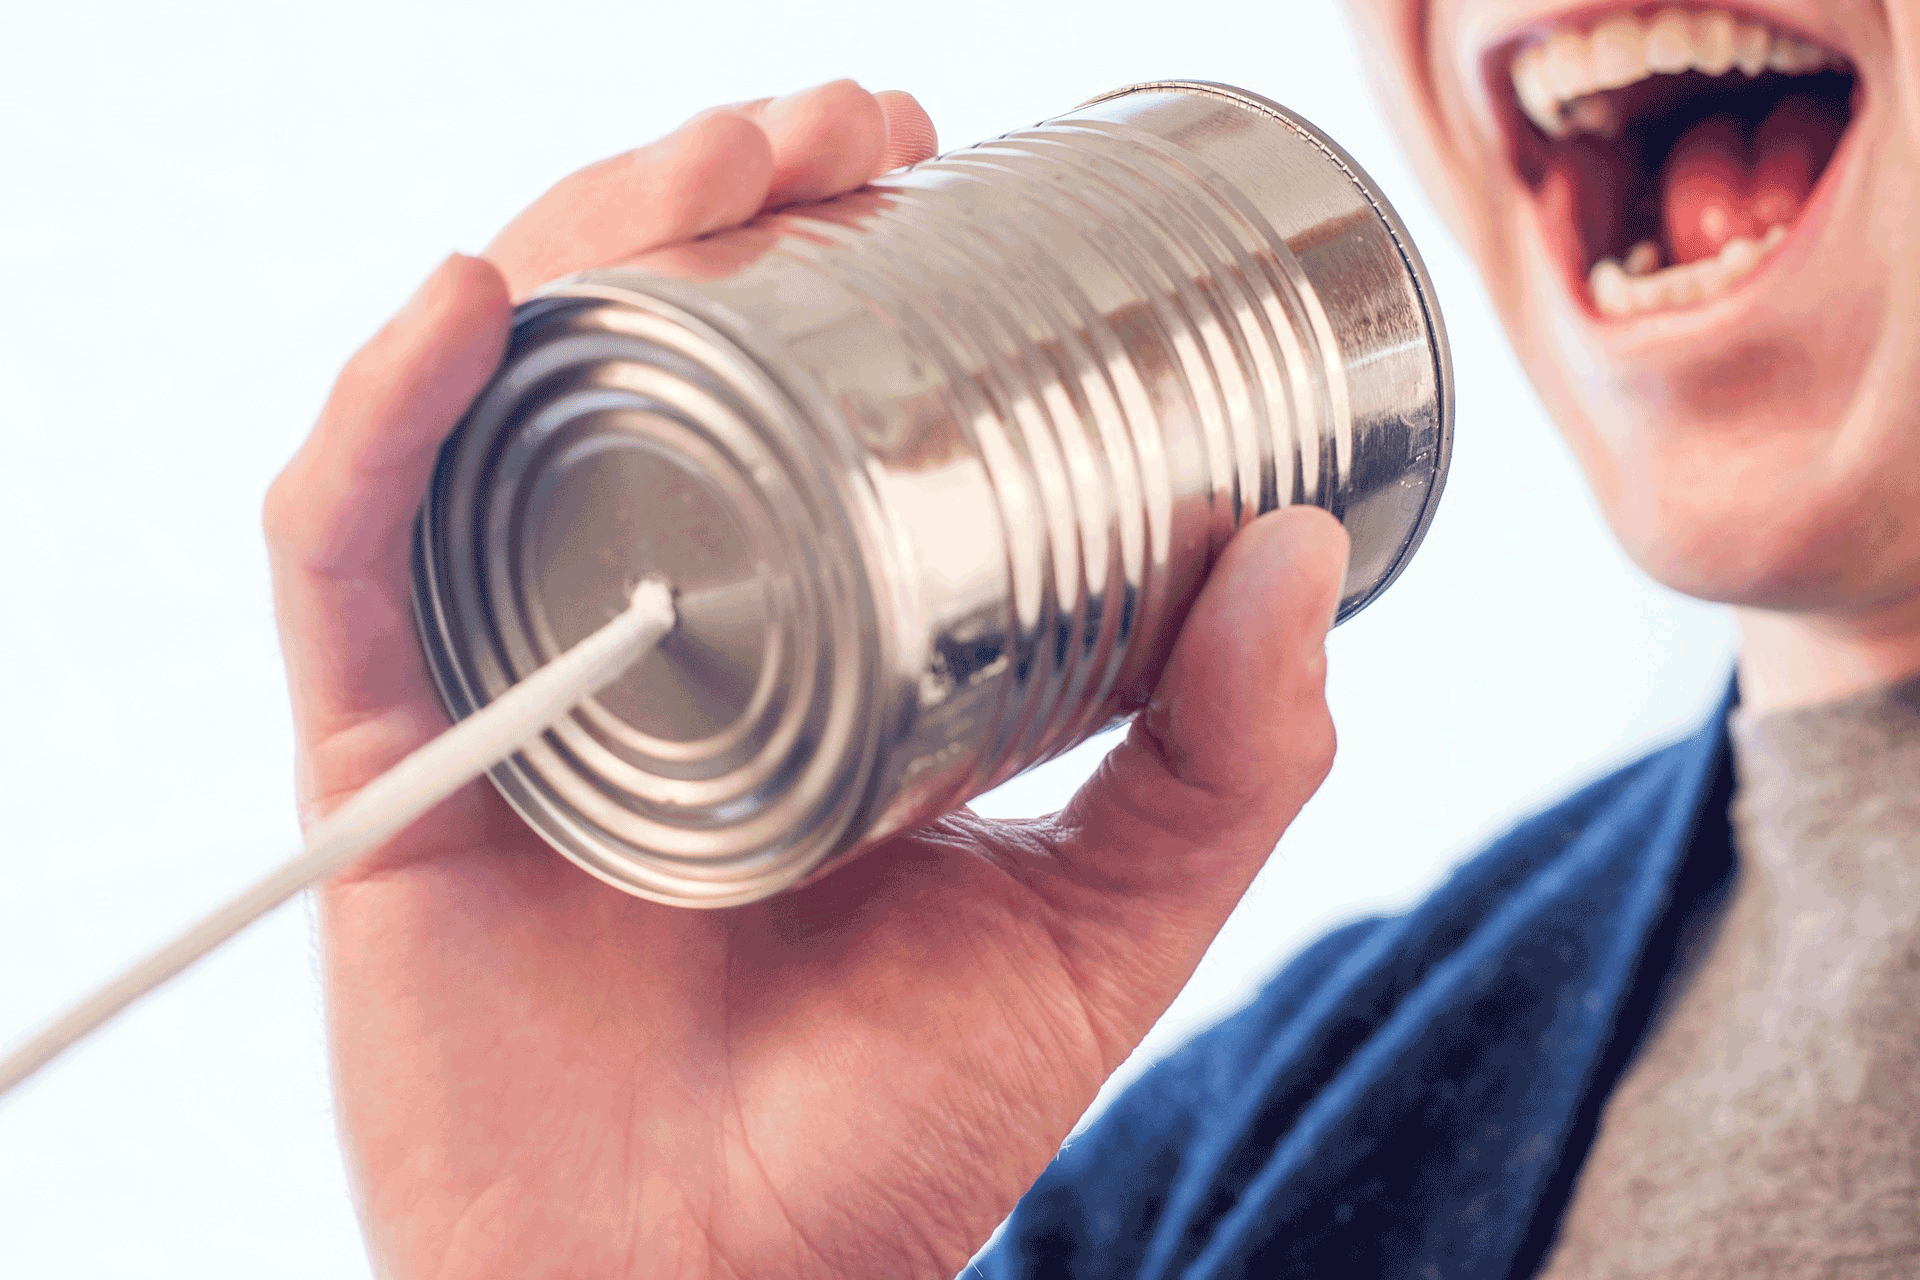 hablar, comunicarse, dialogar, pensar